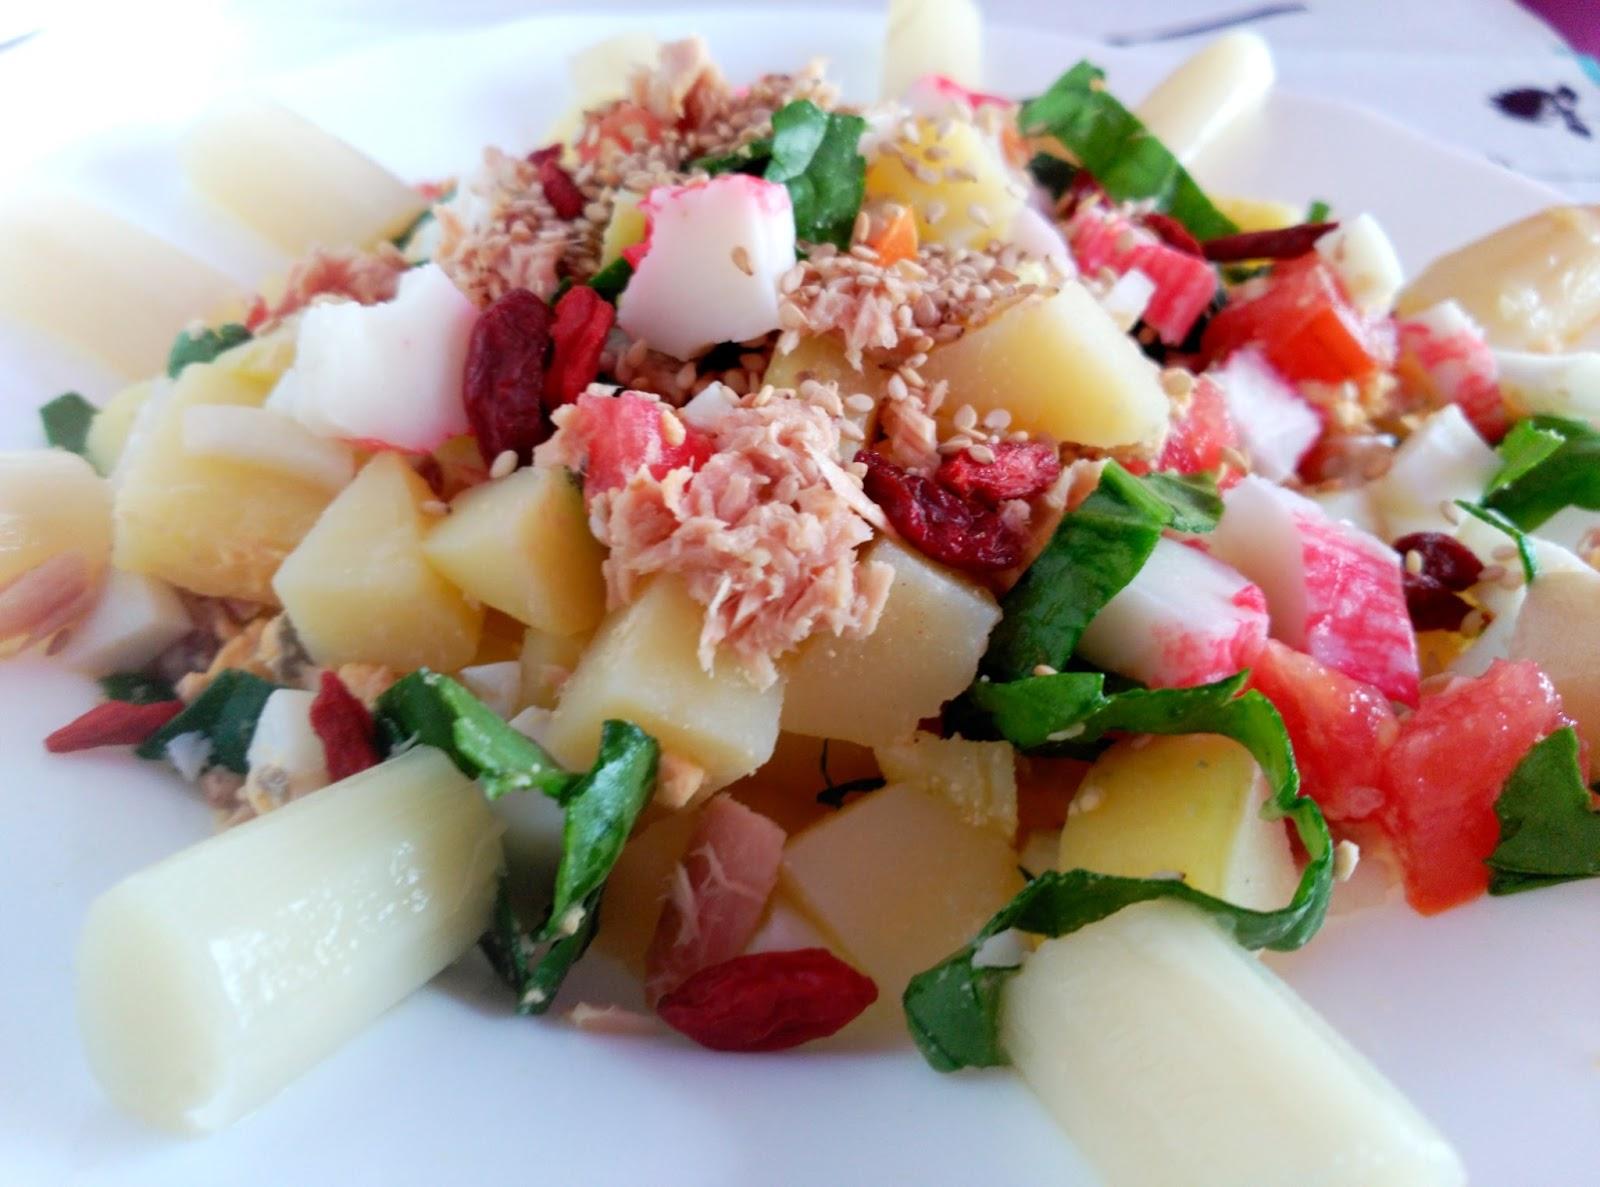 Ensalada De Patata Con Espinacas Y Bayas De Goji Recetas